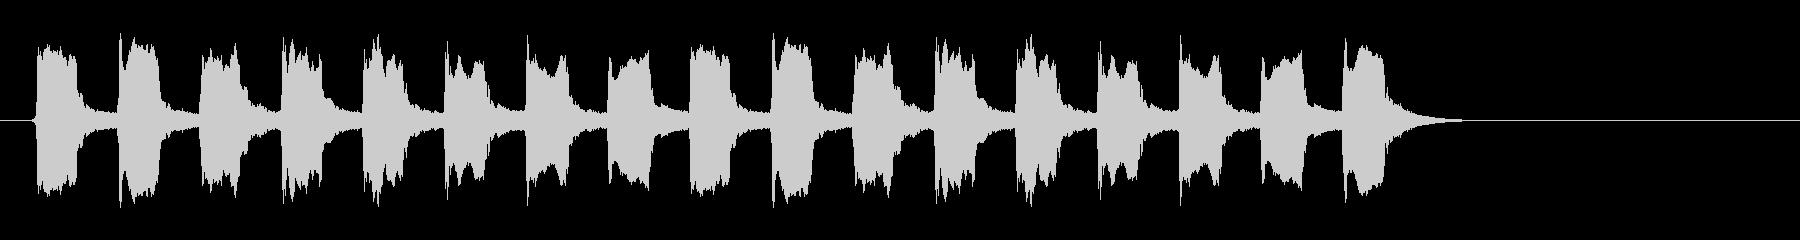 グラインダーの未再生の波形